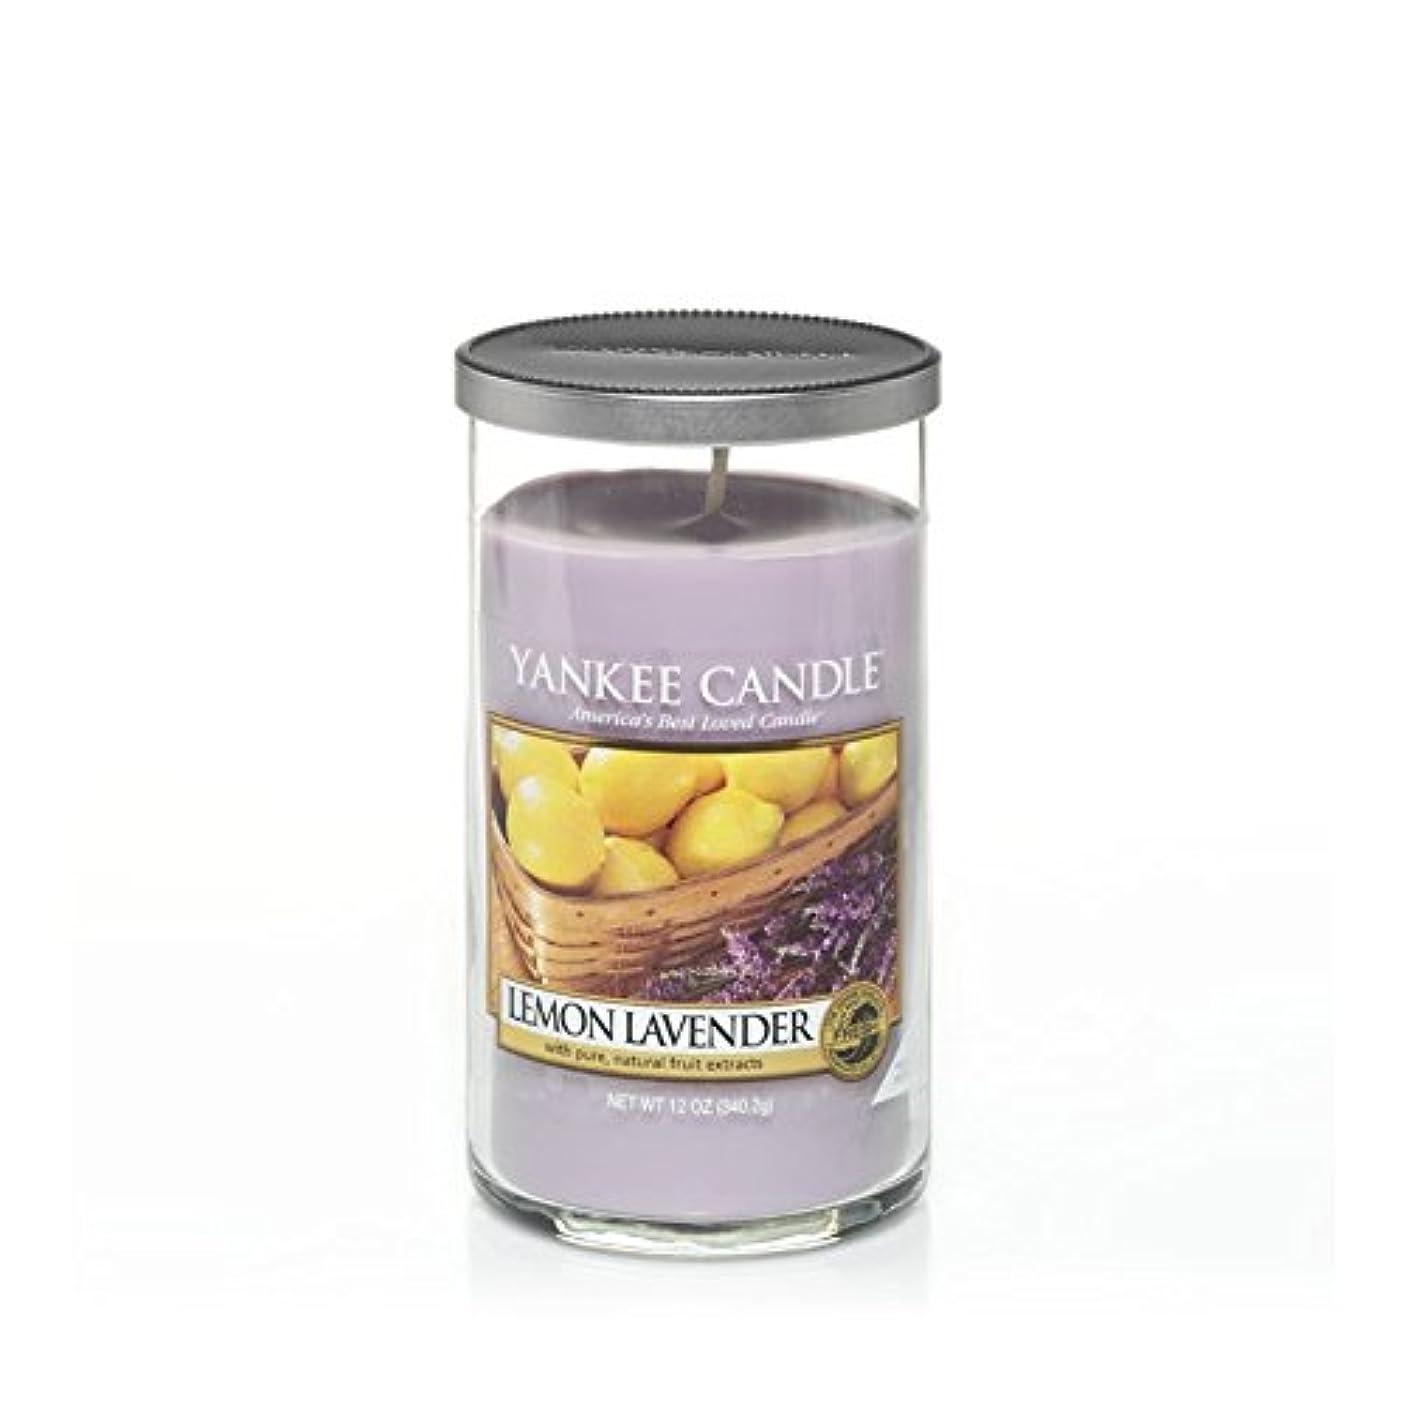 同時ヒロインノートYankee Candles Medium Pillar Candle - Lemon Lavender (Pack of 6) - ヤンキーキャンドルメディアピラーキャンドル - レモンラベンダー (x6) [並行輸入品]